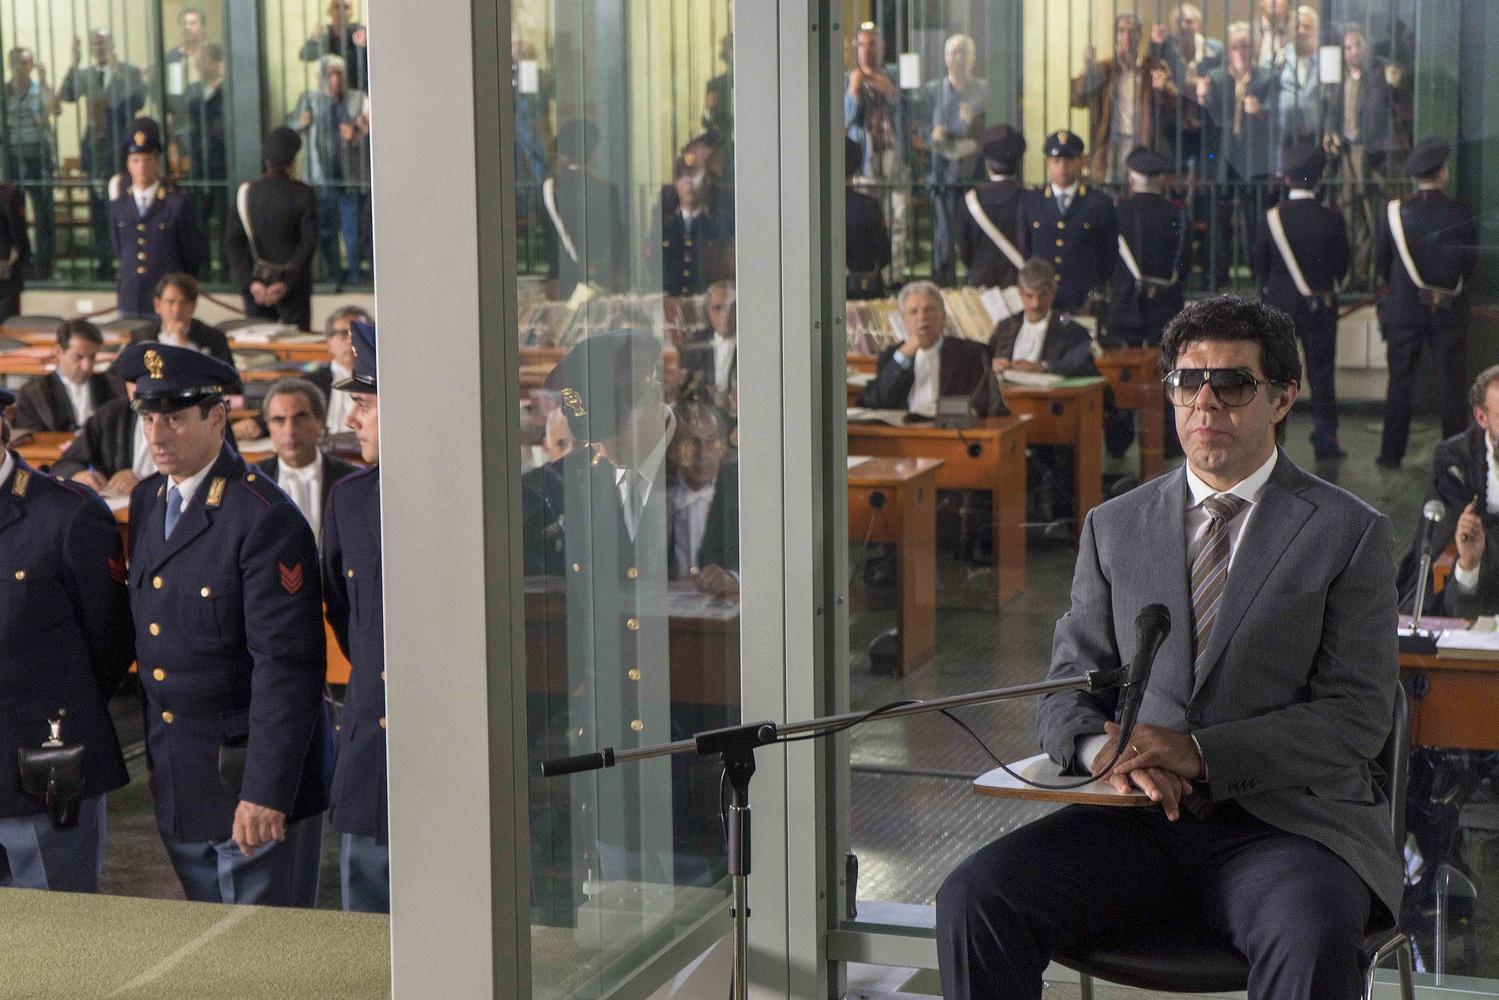 """Pierfrancesco Favino stars as Italian mafia boss Tommasso Buscetta in """"Il Traditore"""" (""""The Traitor"""")."""